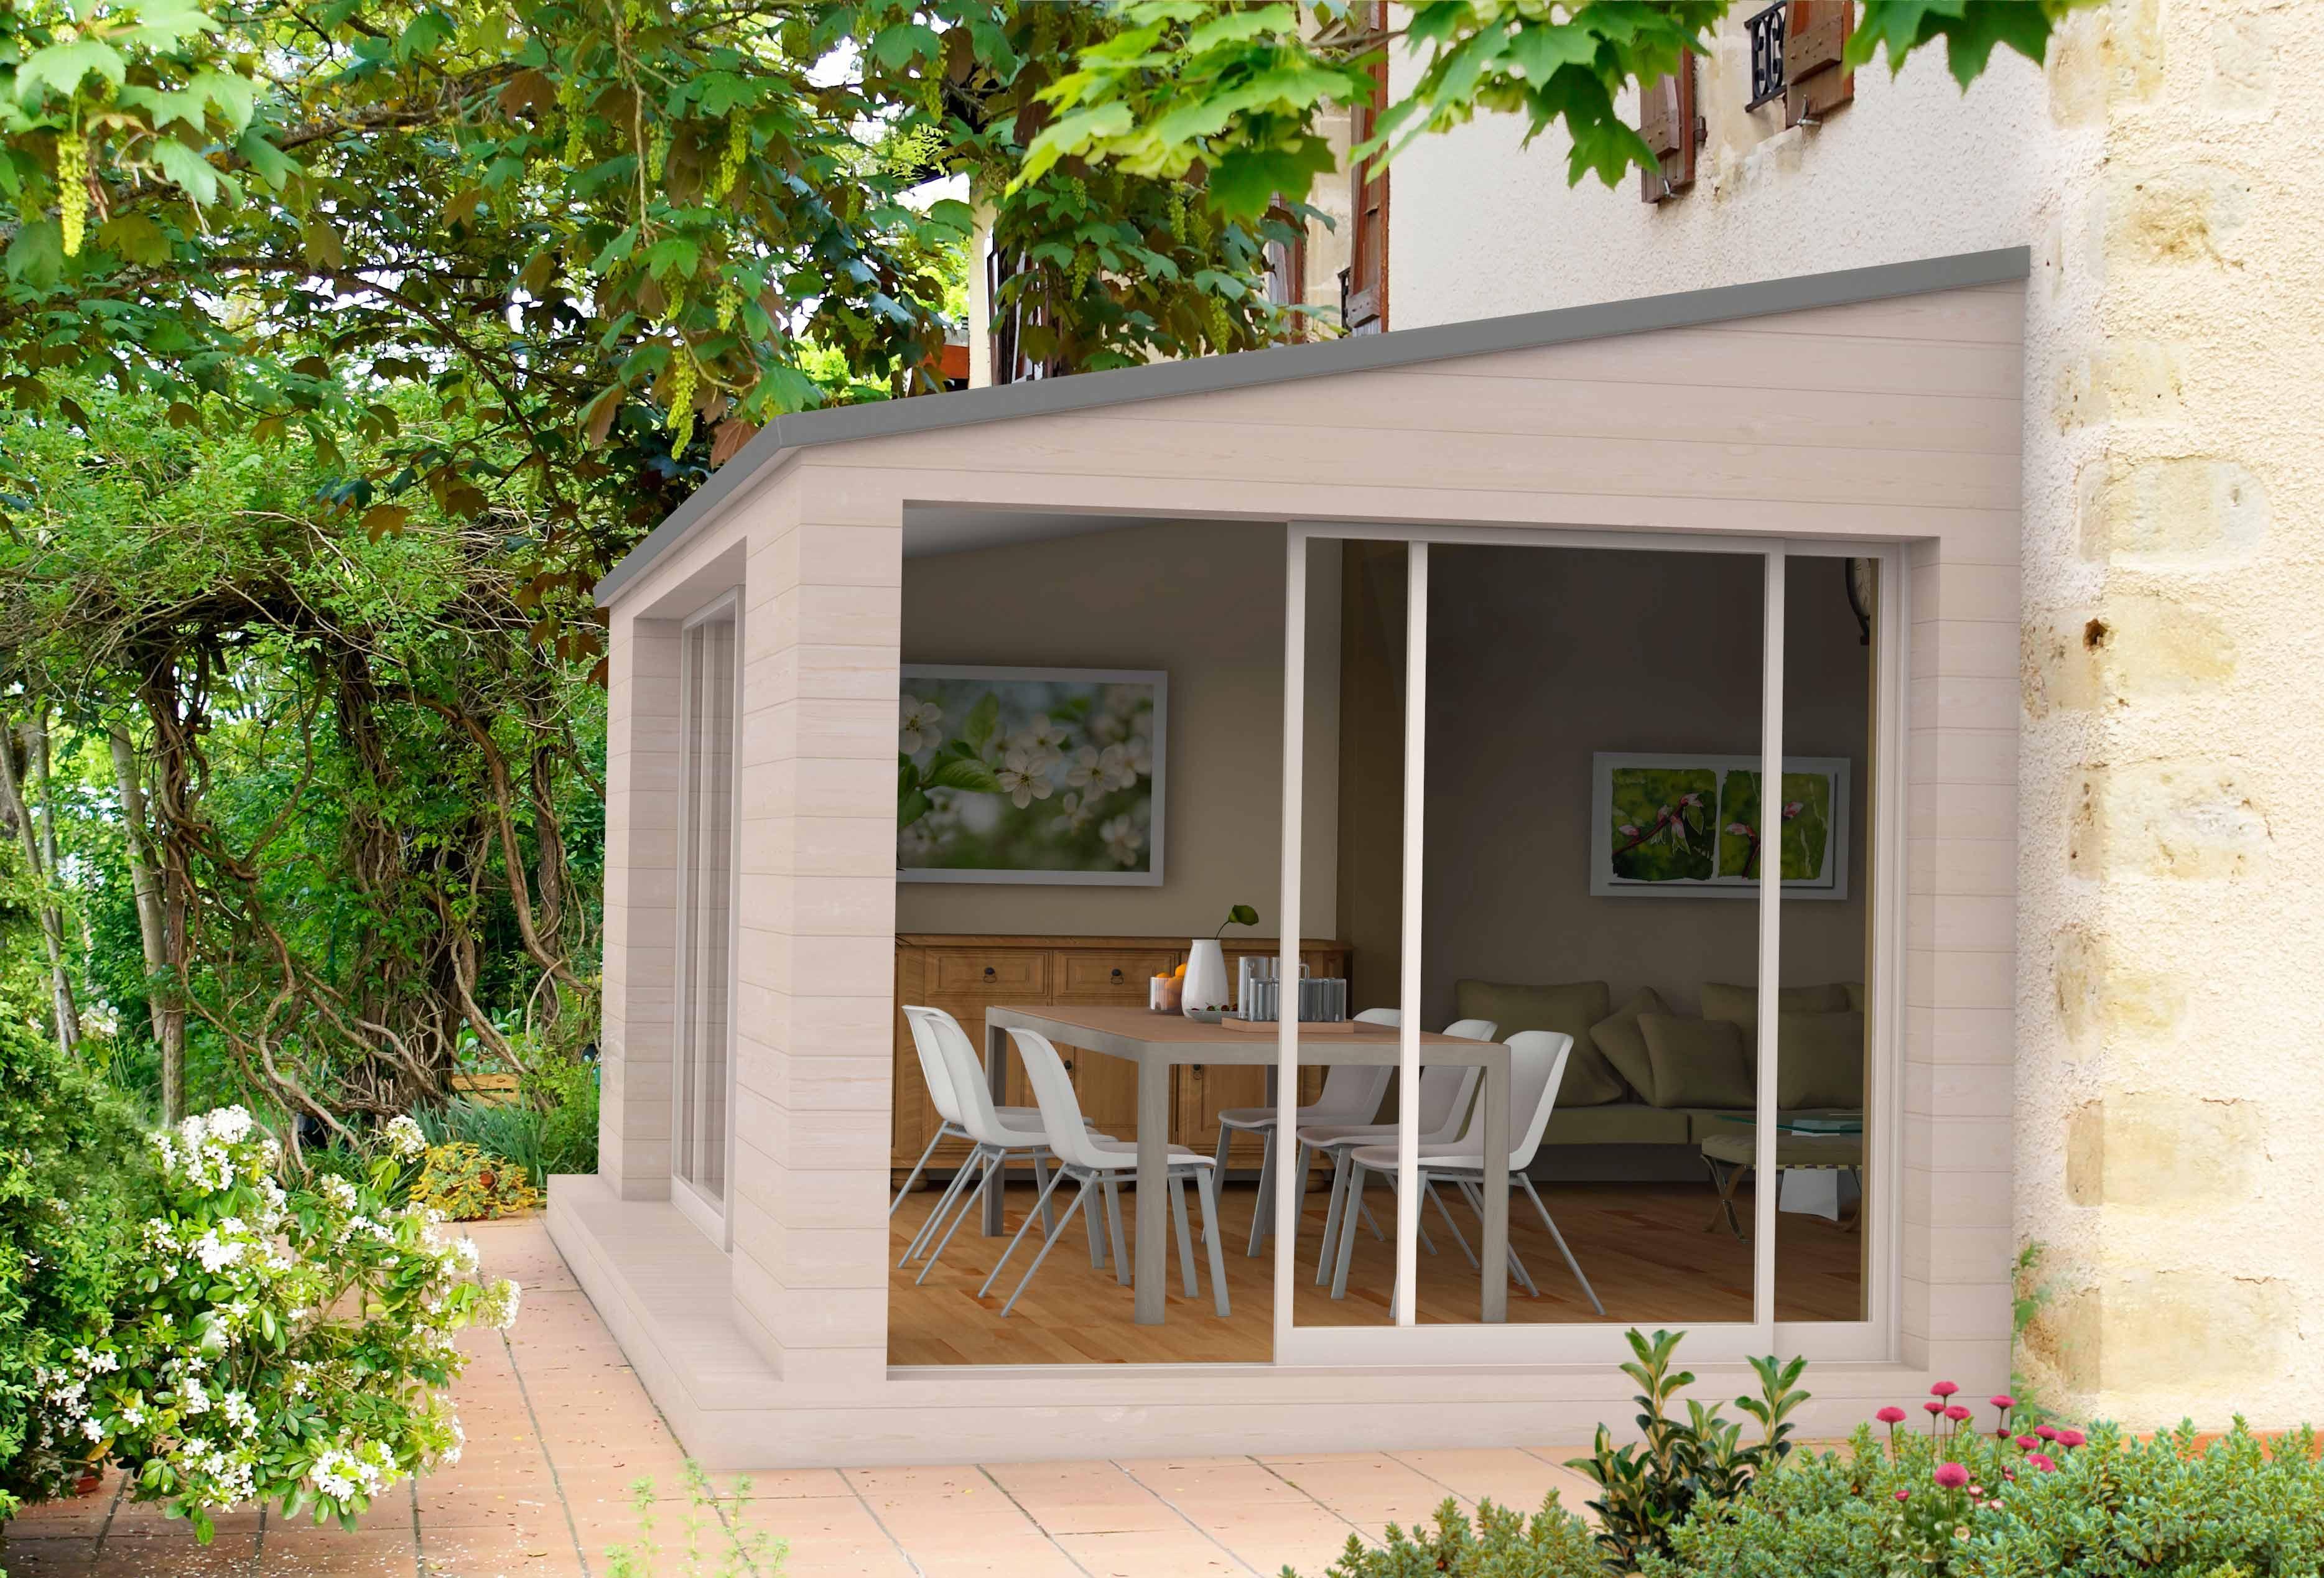 finest cabane enfant bois pas cher roulotte carry soulet construire sa maison with comment  # Construire Maison En Bois Pas Cher